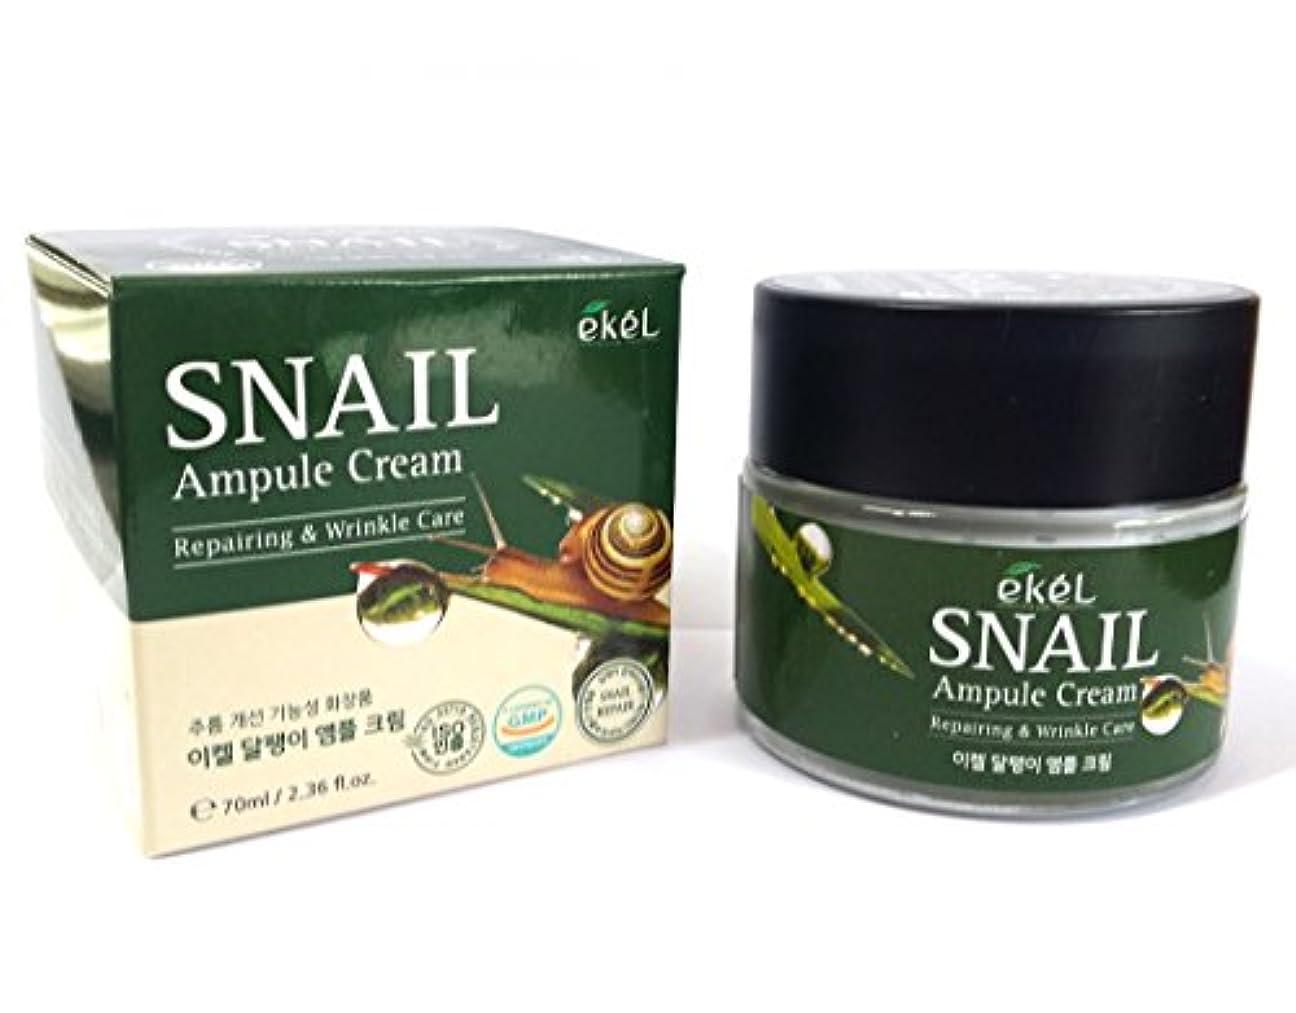 レバー階下インフルエンザ[EKEL] カタツムリアンプルクリーム70ml / Snail Ampule Cream 70ml / / リペアリング&リンクルケア / ハイドレーティングクリーム / Repairing & Wrinkle Care...